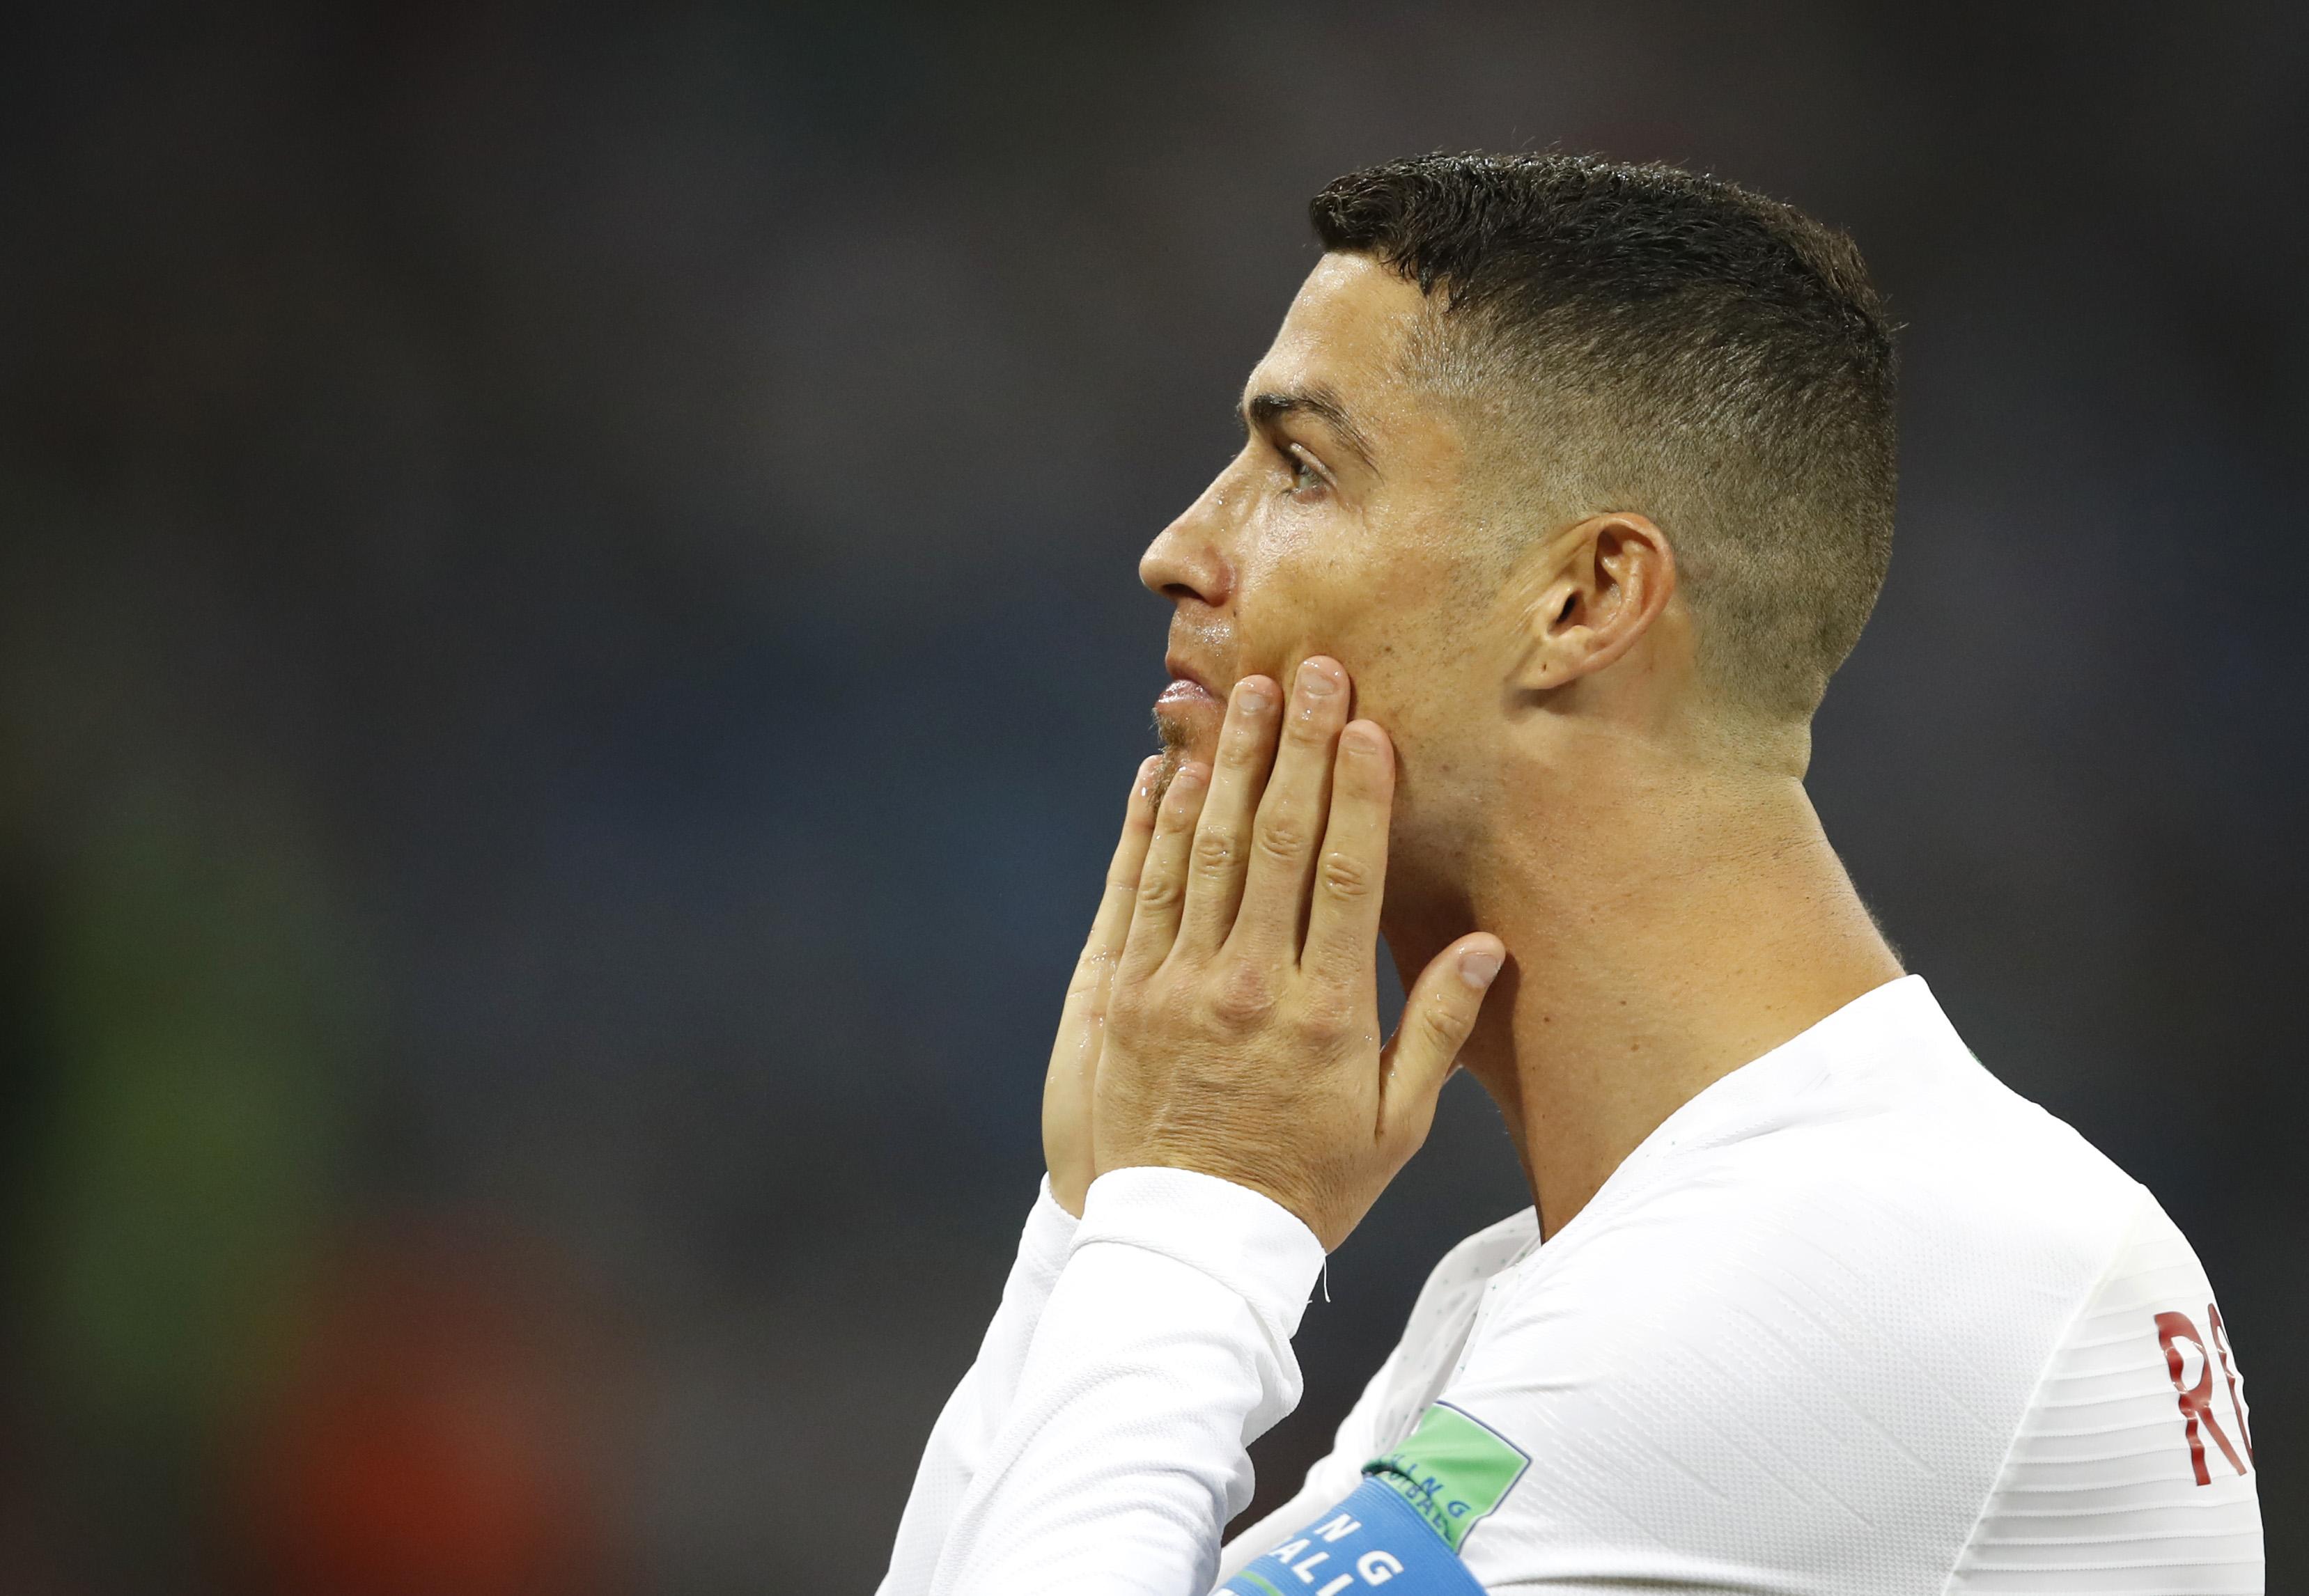 En Vivo, Uruguay vs Portugal, Rusia 2018, Mundial